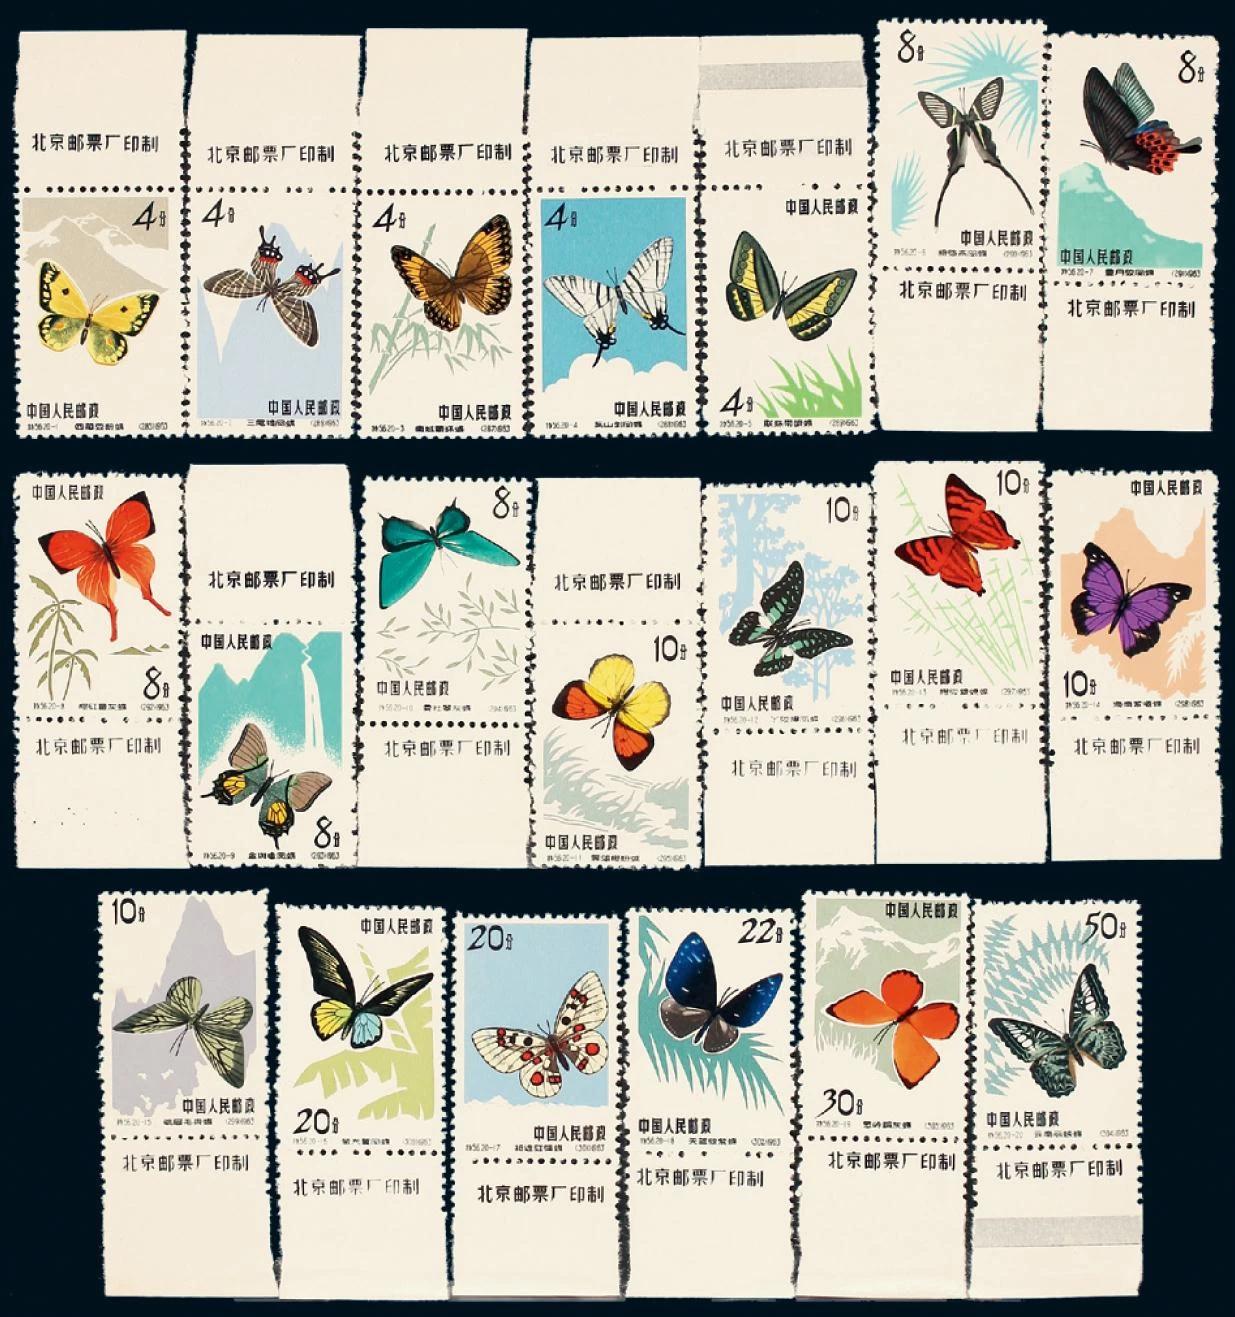 蝴蝶邮票带厂铭